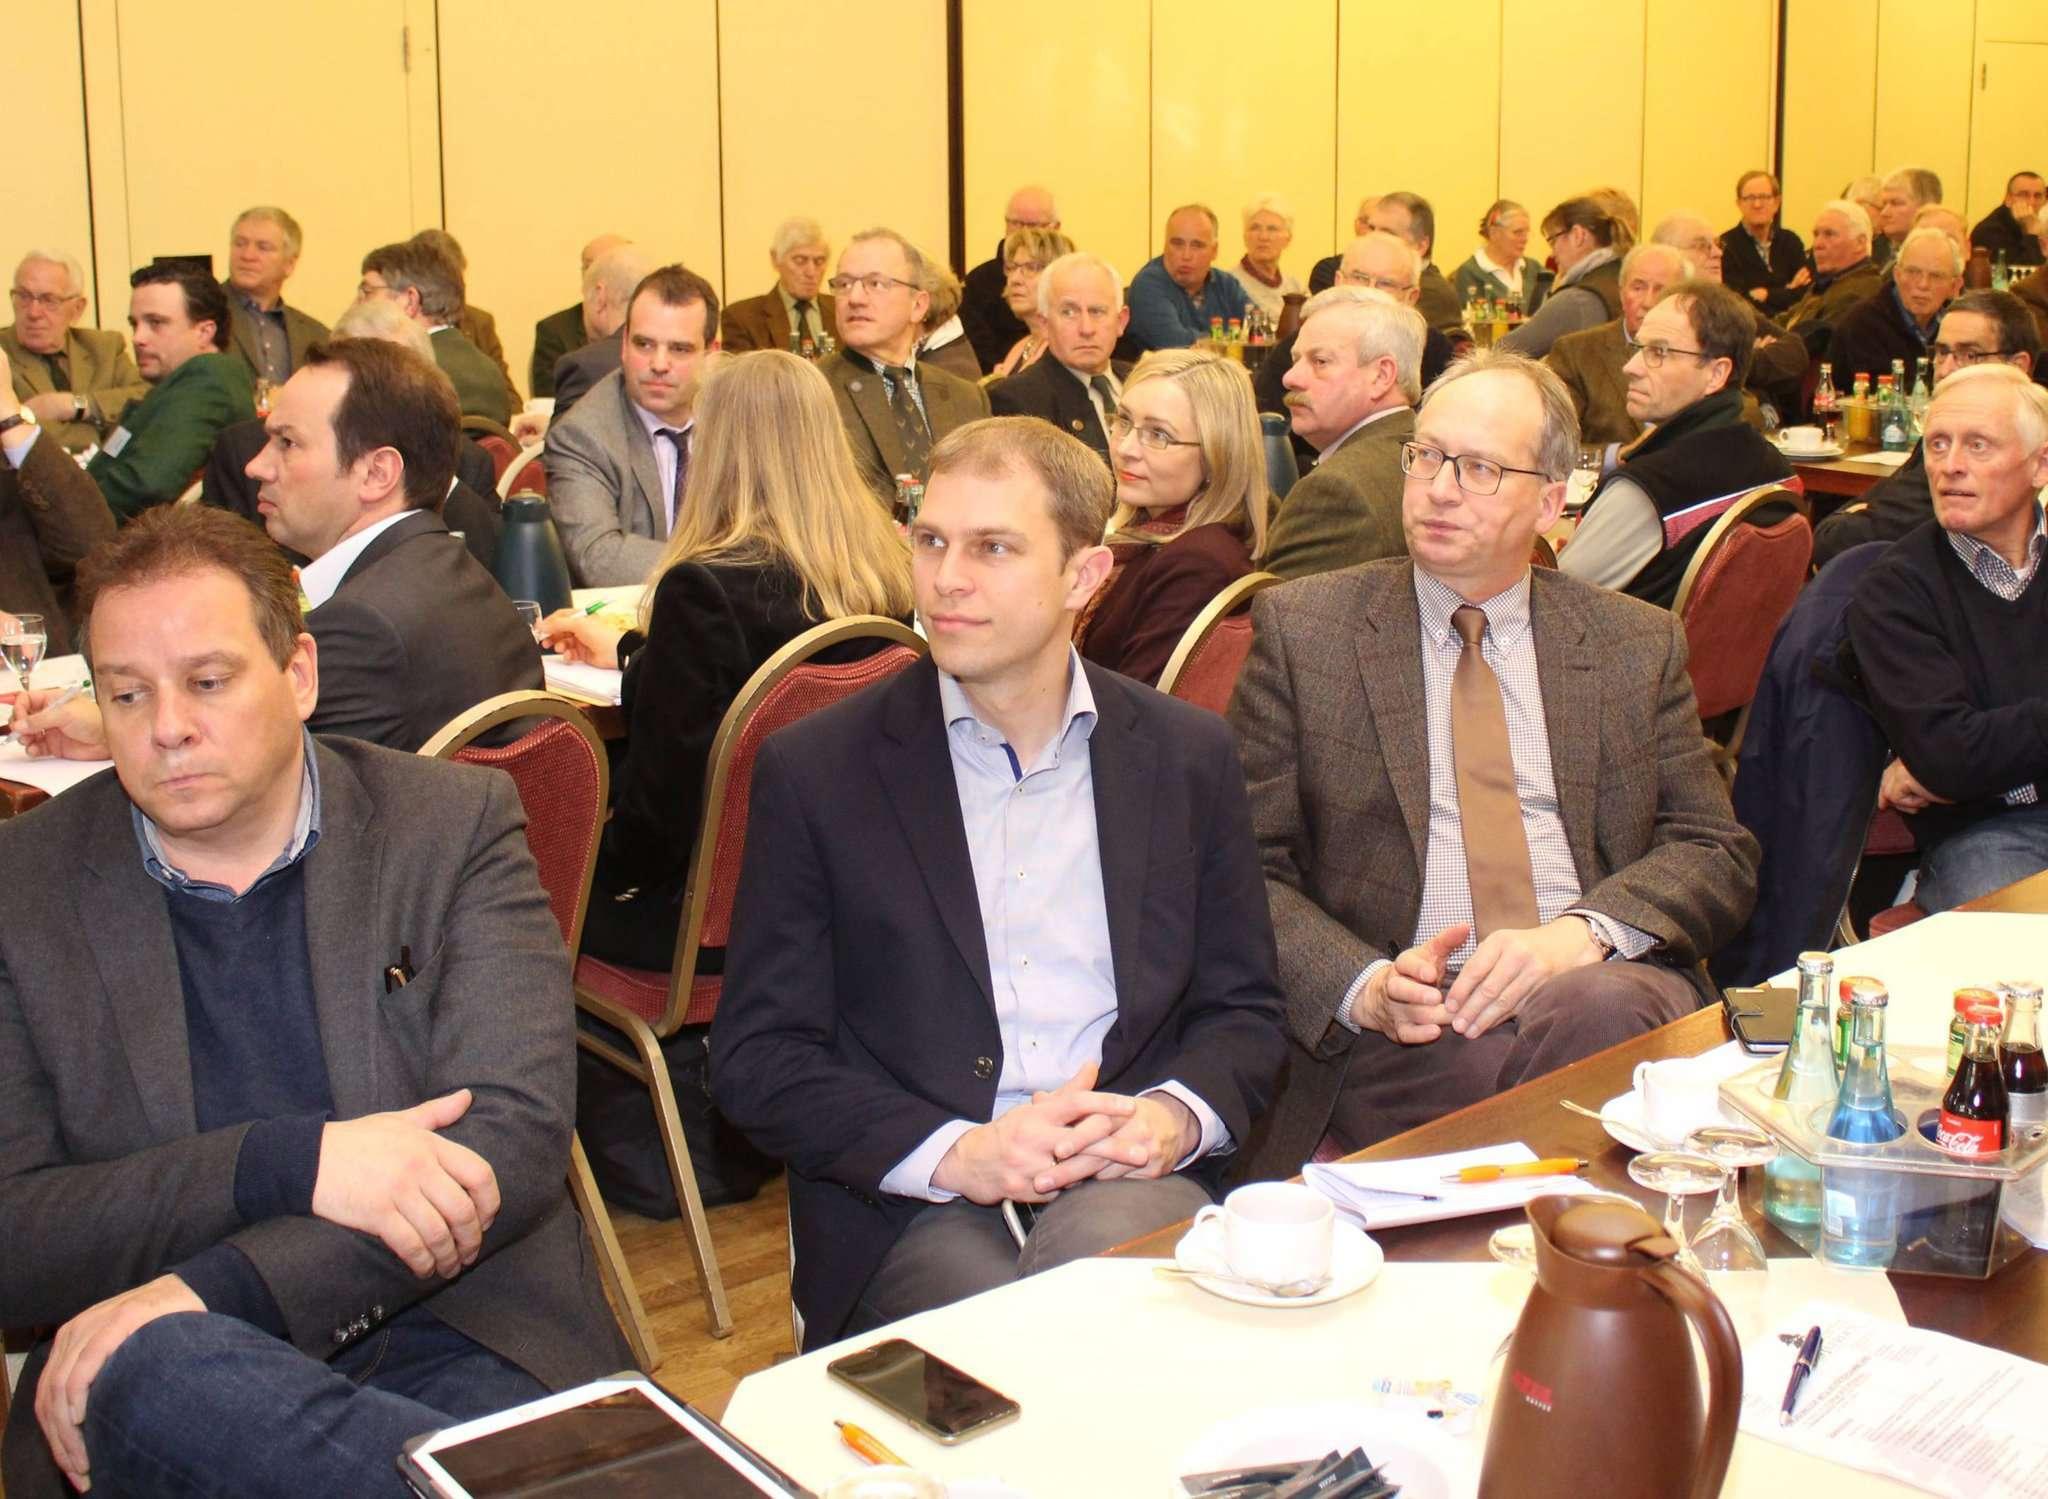 Viele Abgeordnete aus dem Landkreis Verden informierten sich bei den Waldbesitzern über die aktuellen Probleme im Forstbereich. Foto: Henning Leeske